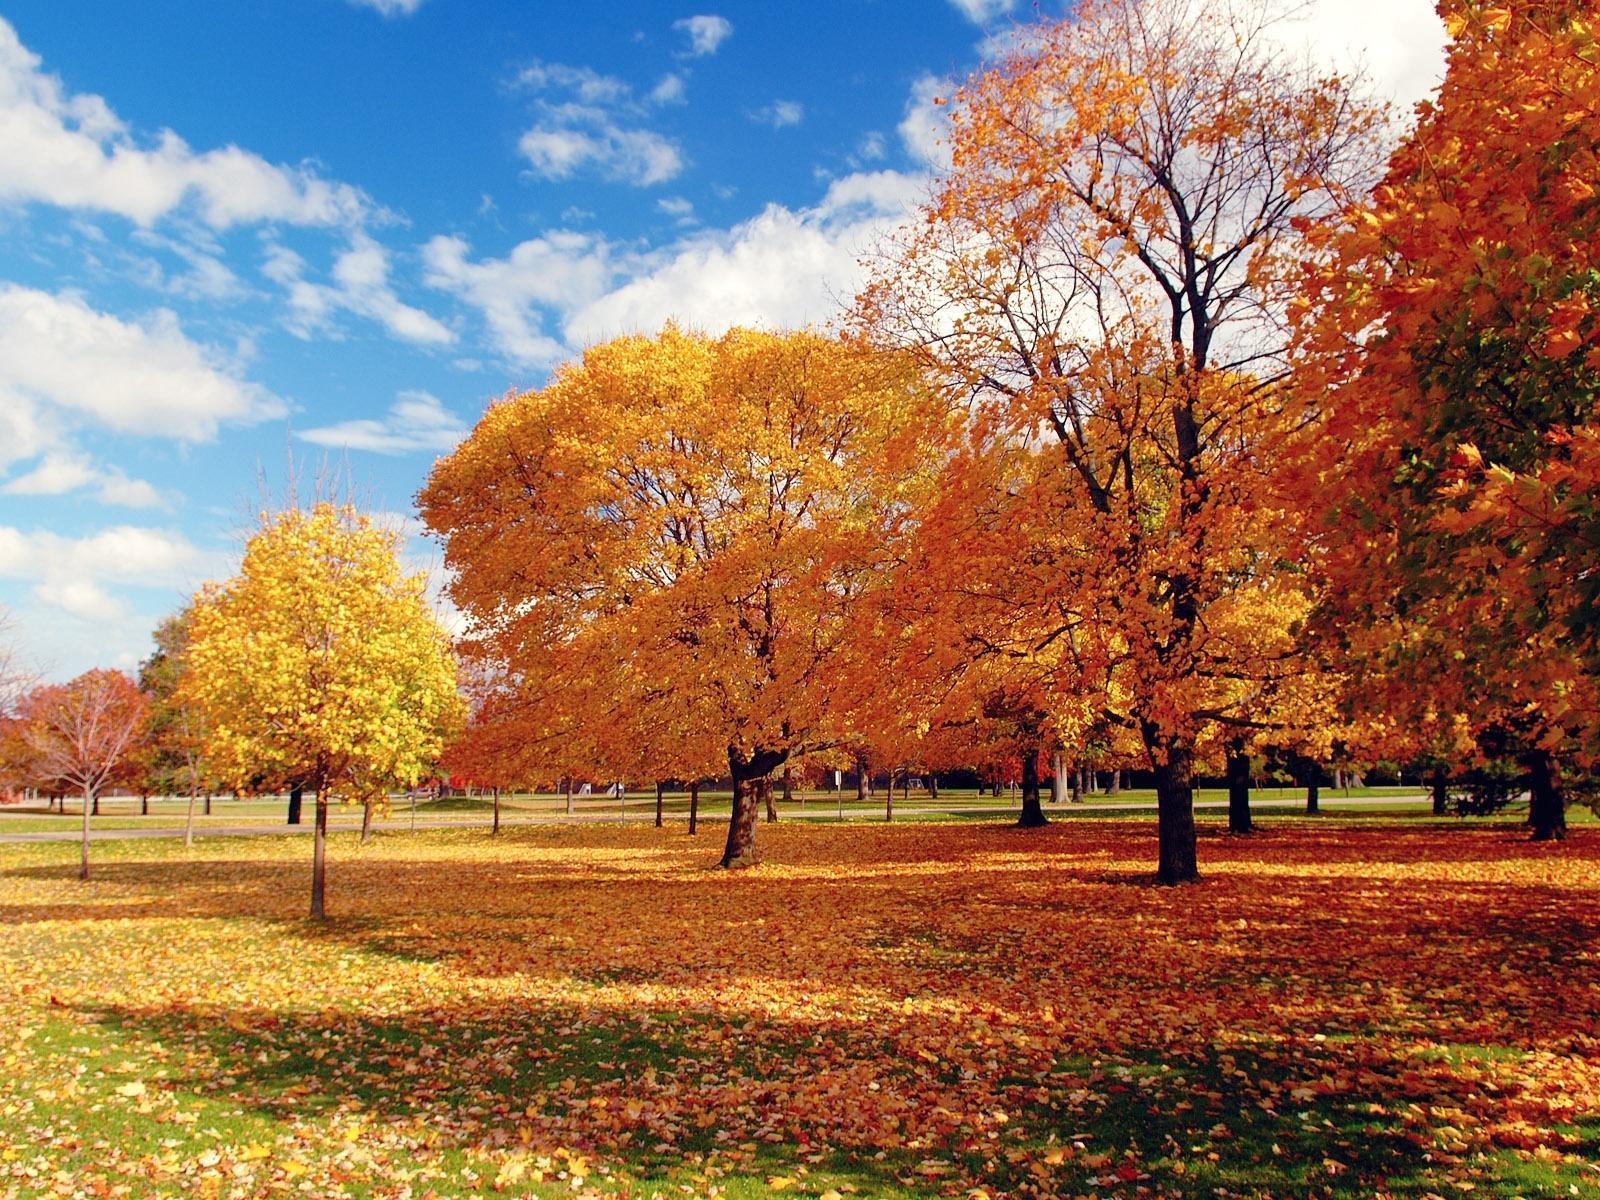 autumn_holiday_642324